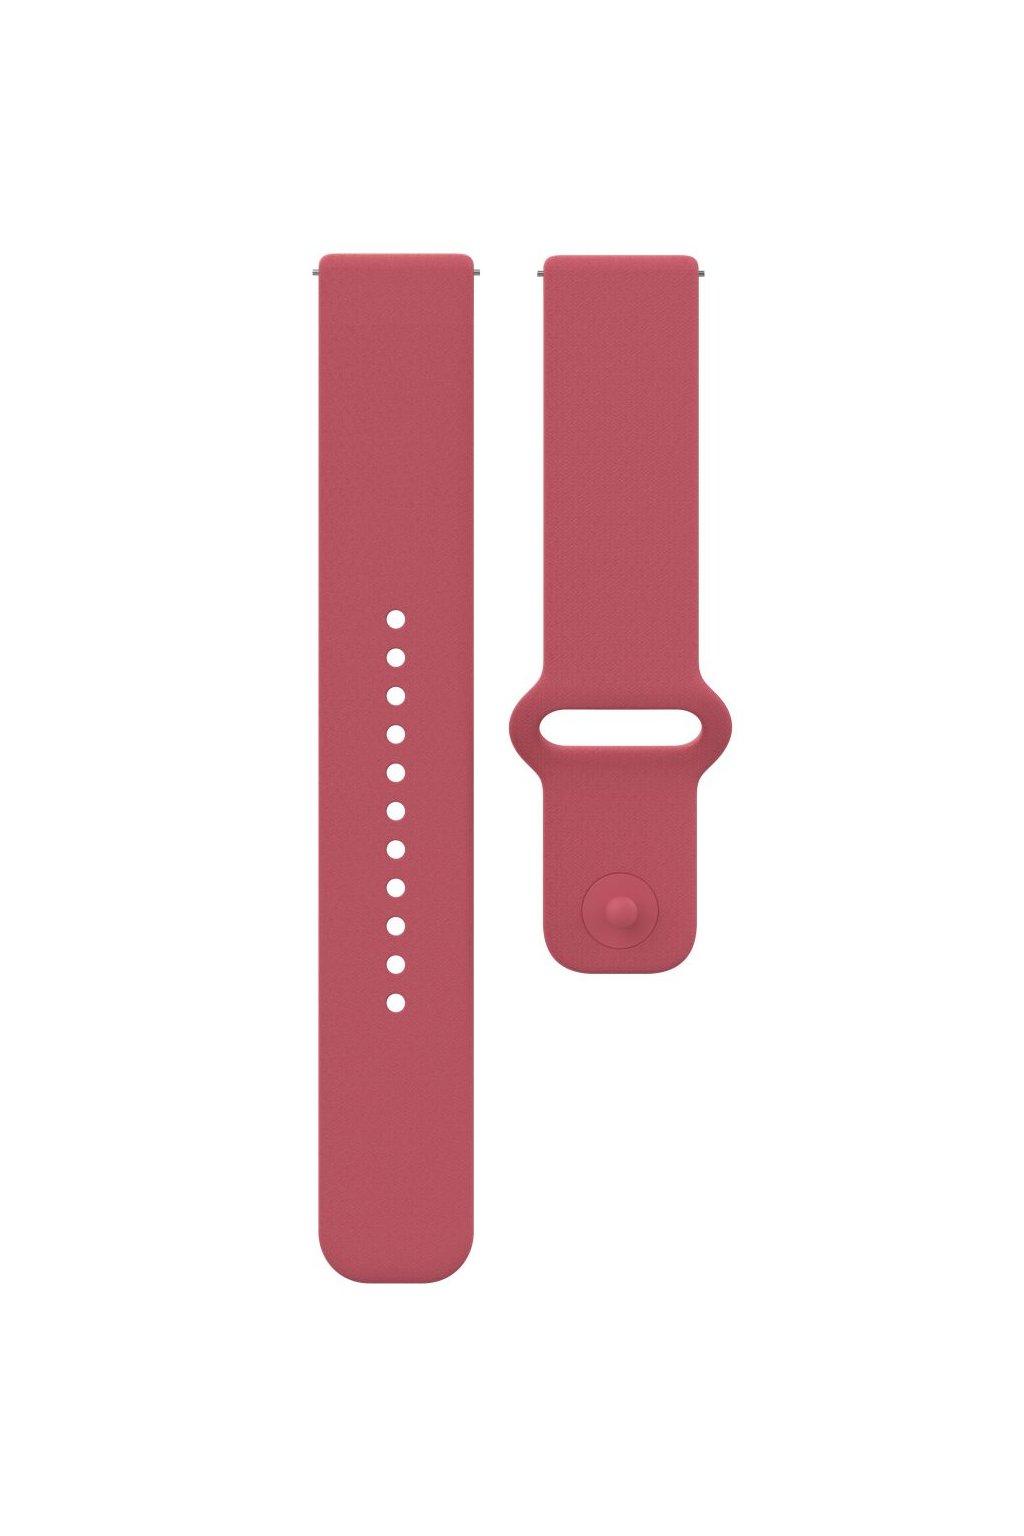 Polar Unite accessory silicone wristband pink